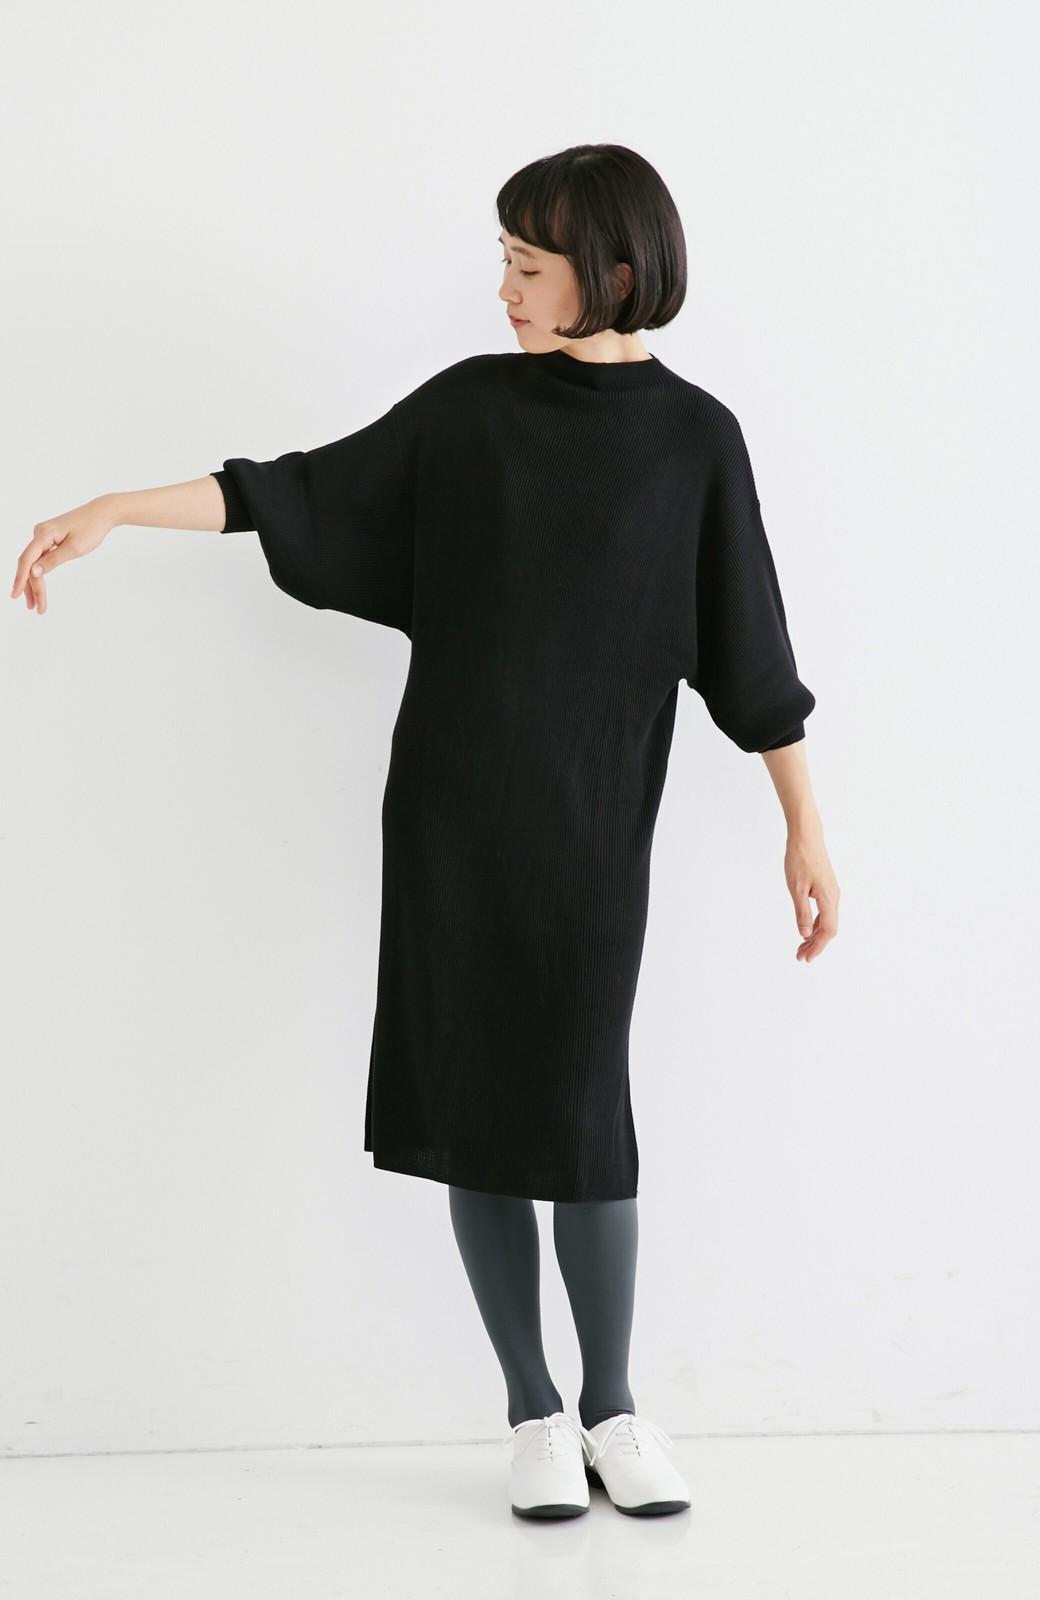 エムトロワ 吸湿発熱素材の袖ぷっくりリブニットワンピース <ブラック>の商品写真3